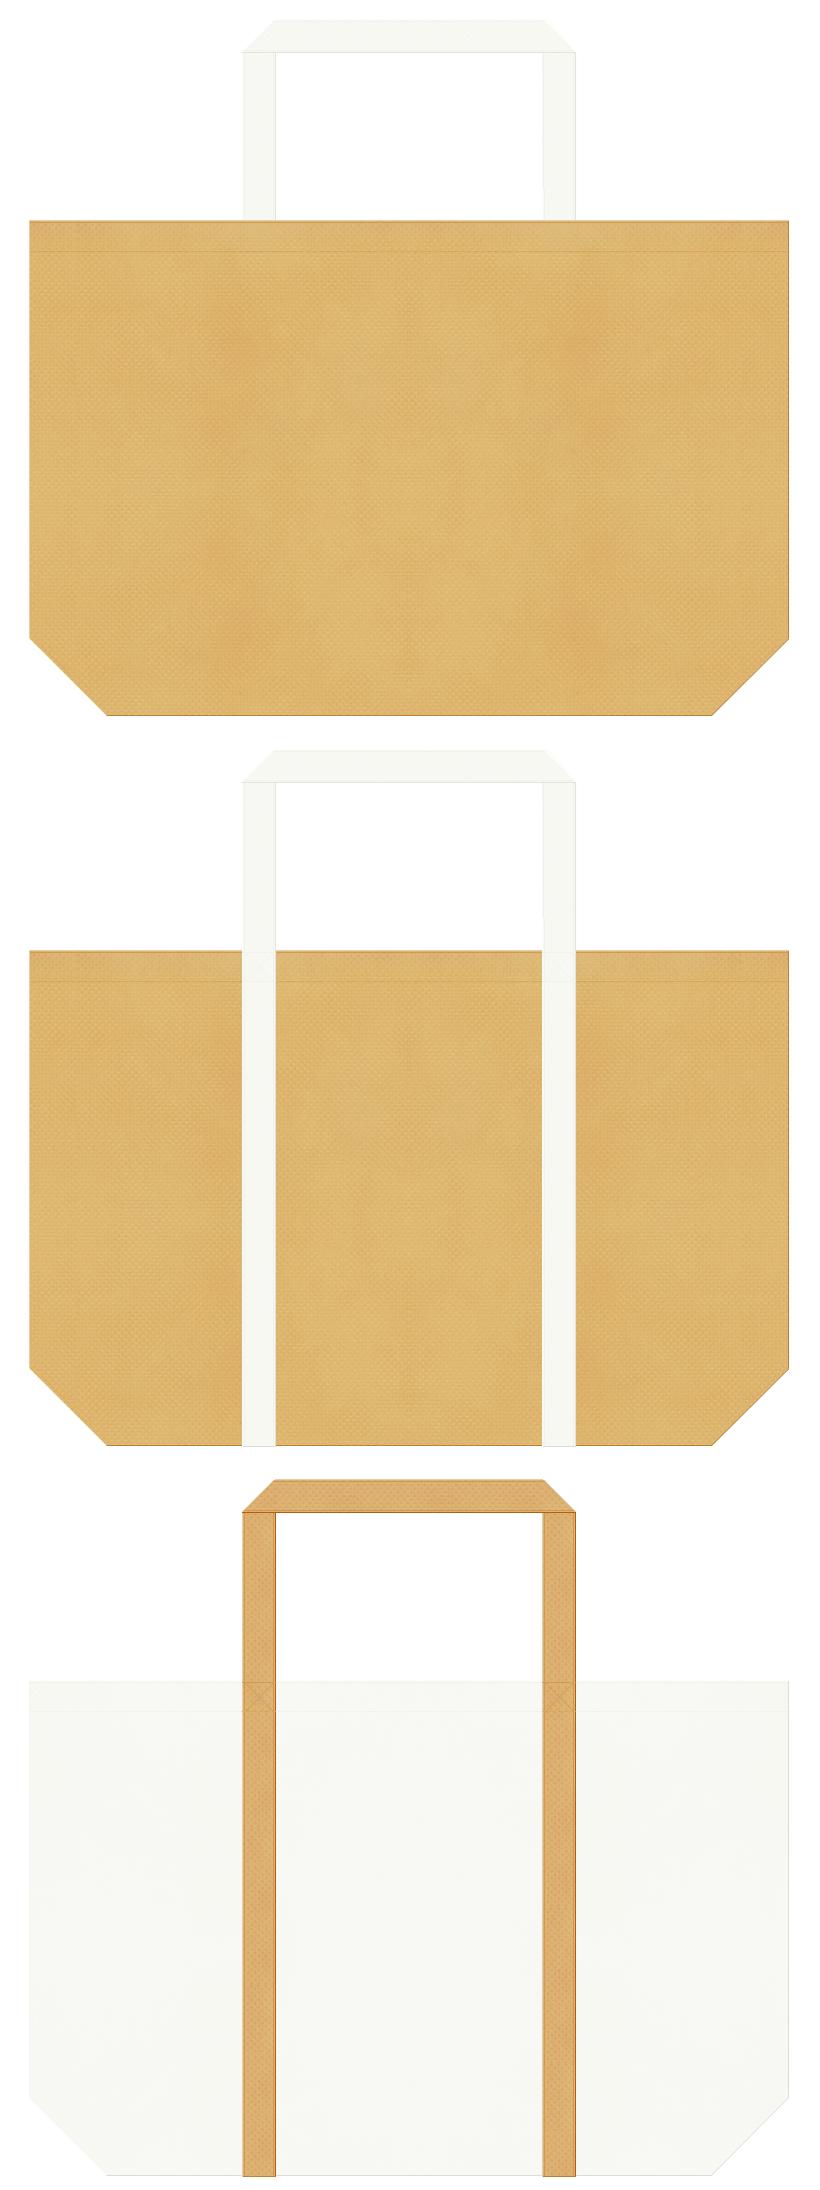 薄黄土色とオフホワイト色の不織布バッグデザイン。ロールケーキのイメージでベーカリショップにお奨めの配色です。